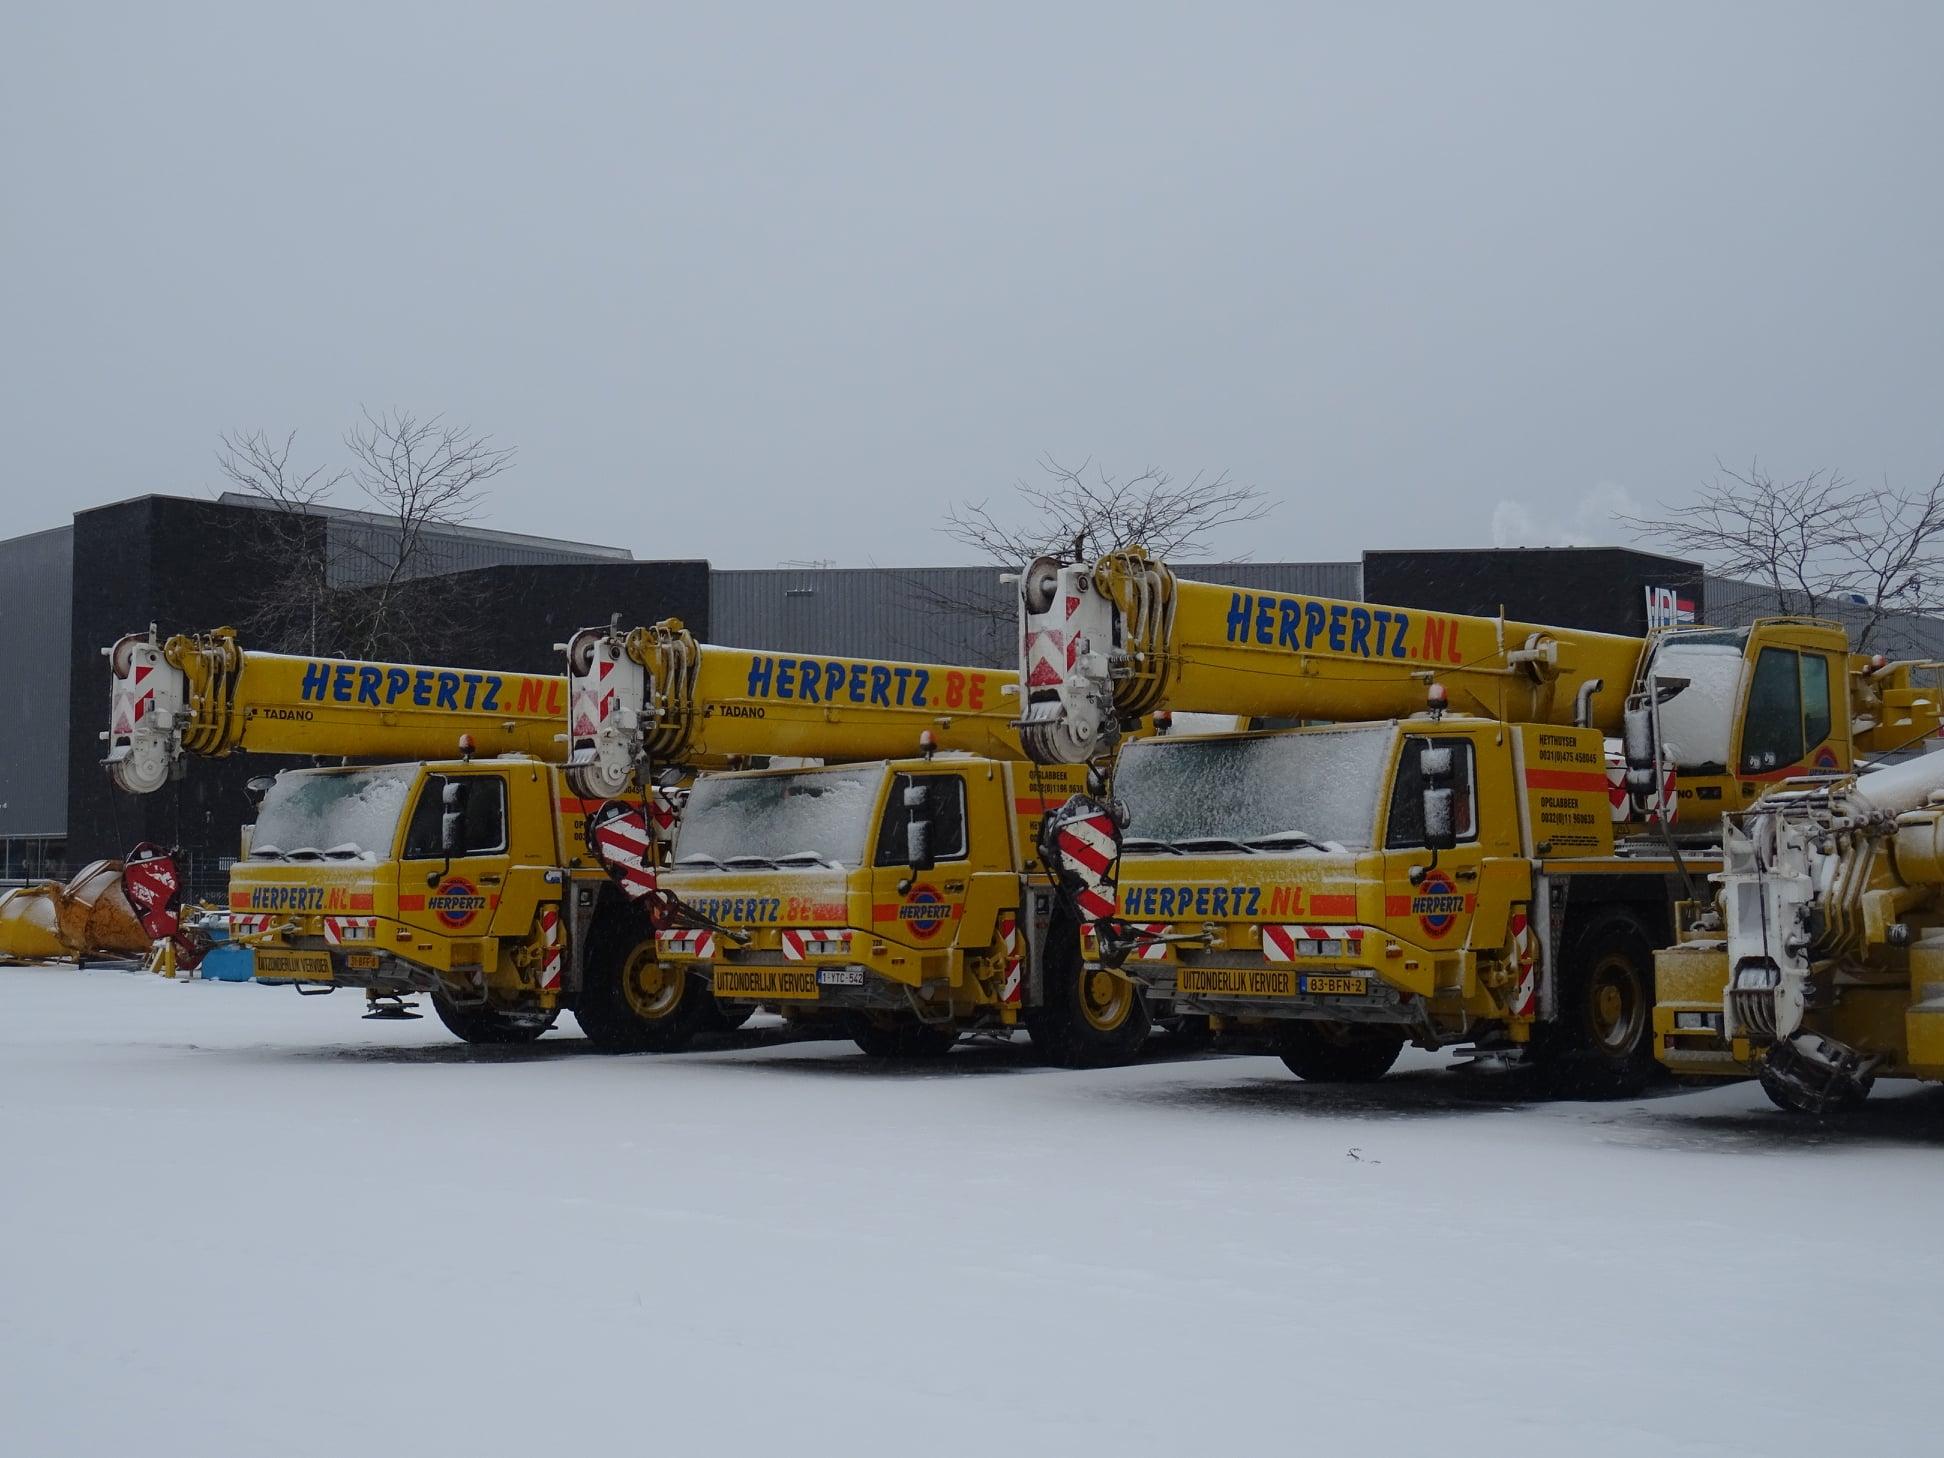 Marcel-Koenen-maakt-een-sneeuw-wandeling-en-ziet-dit-dan-7-2-2021-